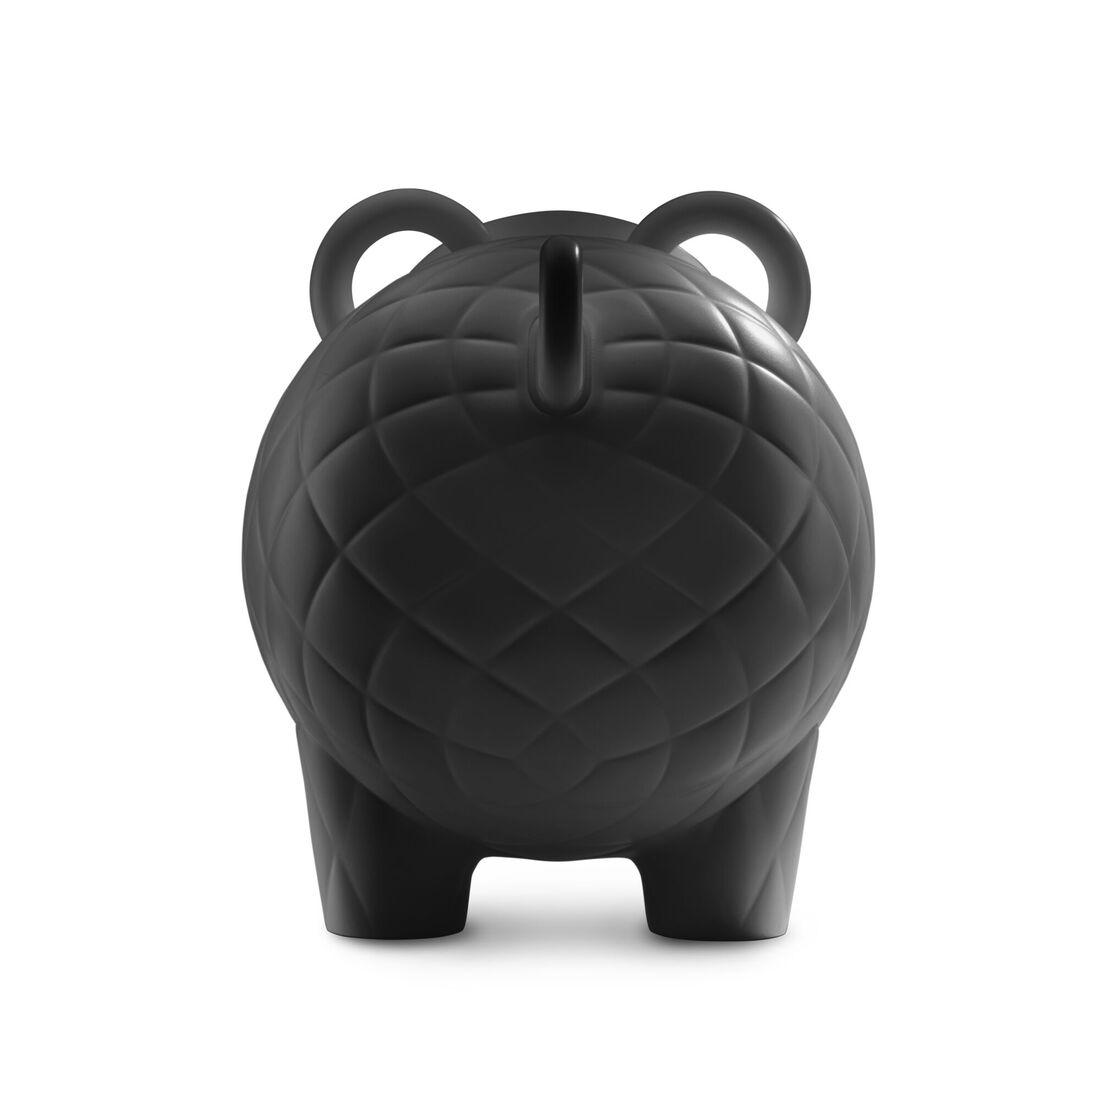 CYBEX Hausschwein - Black in Black large Bild 4